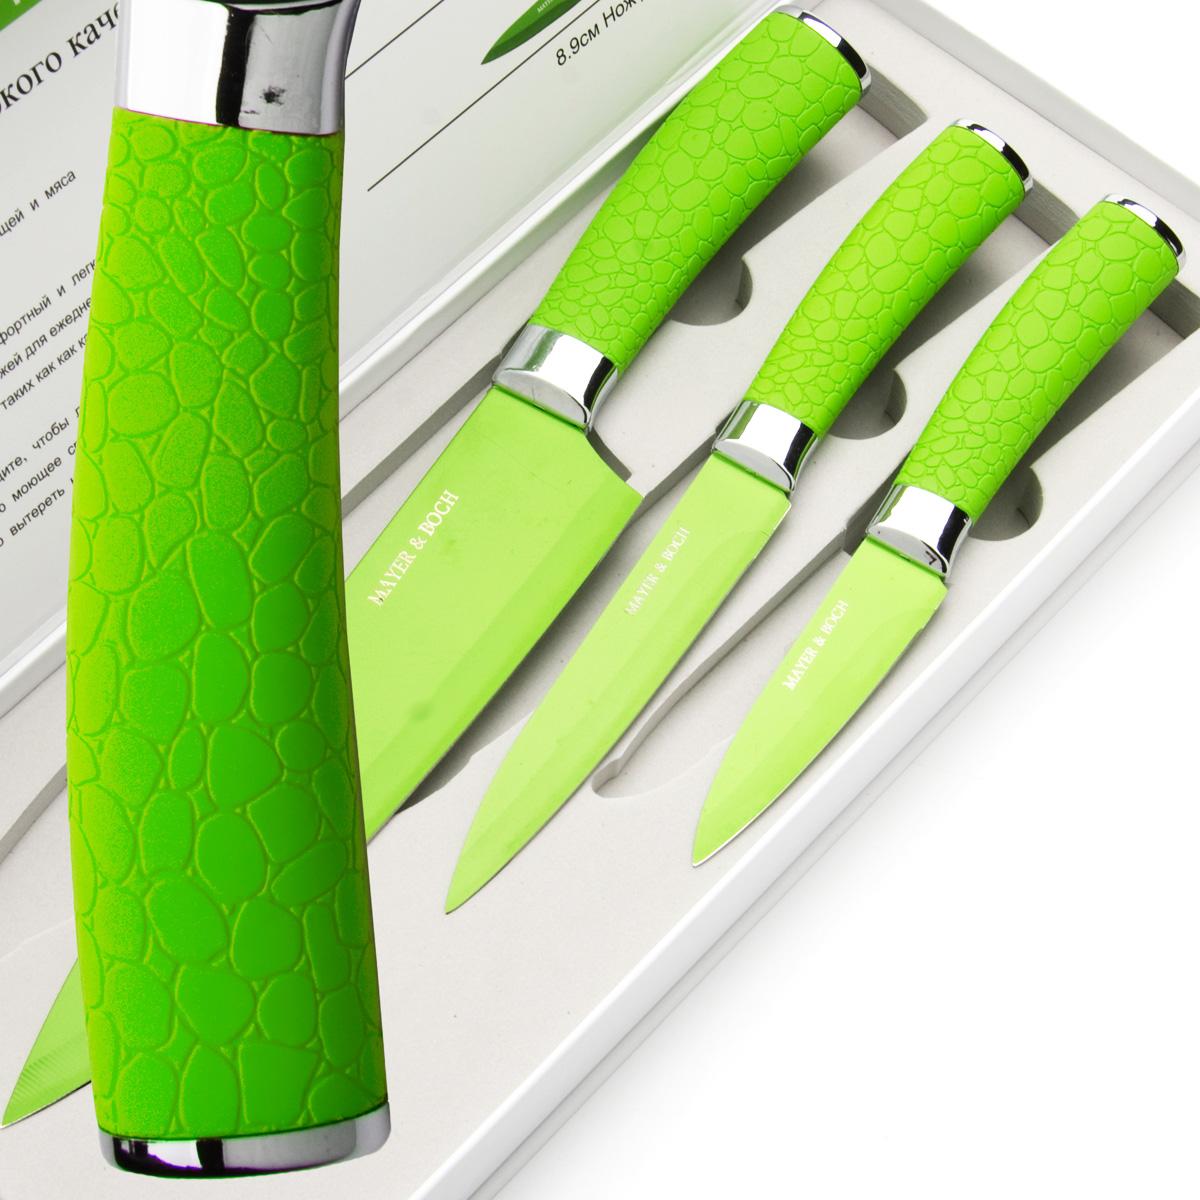 Набор ножей Mayer & Boch, цвет: зеленый, 3 шт. 2414524145Набор ножей Mayer & Boch состоит из 3 ножей: нож поварской, нож универсальный и нож для очистки. Ножи выполнены из нержавеющей стали, ручки из полипропилена. Оригинальный набор ножей великолепно украсит интерьер кухни и станет замечательным помощником. Можно мыть в посудомоечной машине. Длина лезвия поварского ножа: 20,3 см. Общая длина поварского ножа: 33 см. Длина лезвия универсального ножа: 12,7 см. Общая длина универсального ножа: 24 см. Длина лезвия ножа для очистки: 8,9 см. Общая длина ножа для очистки: 20 см.